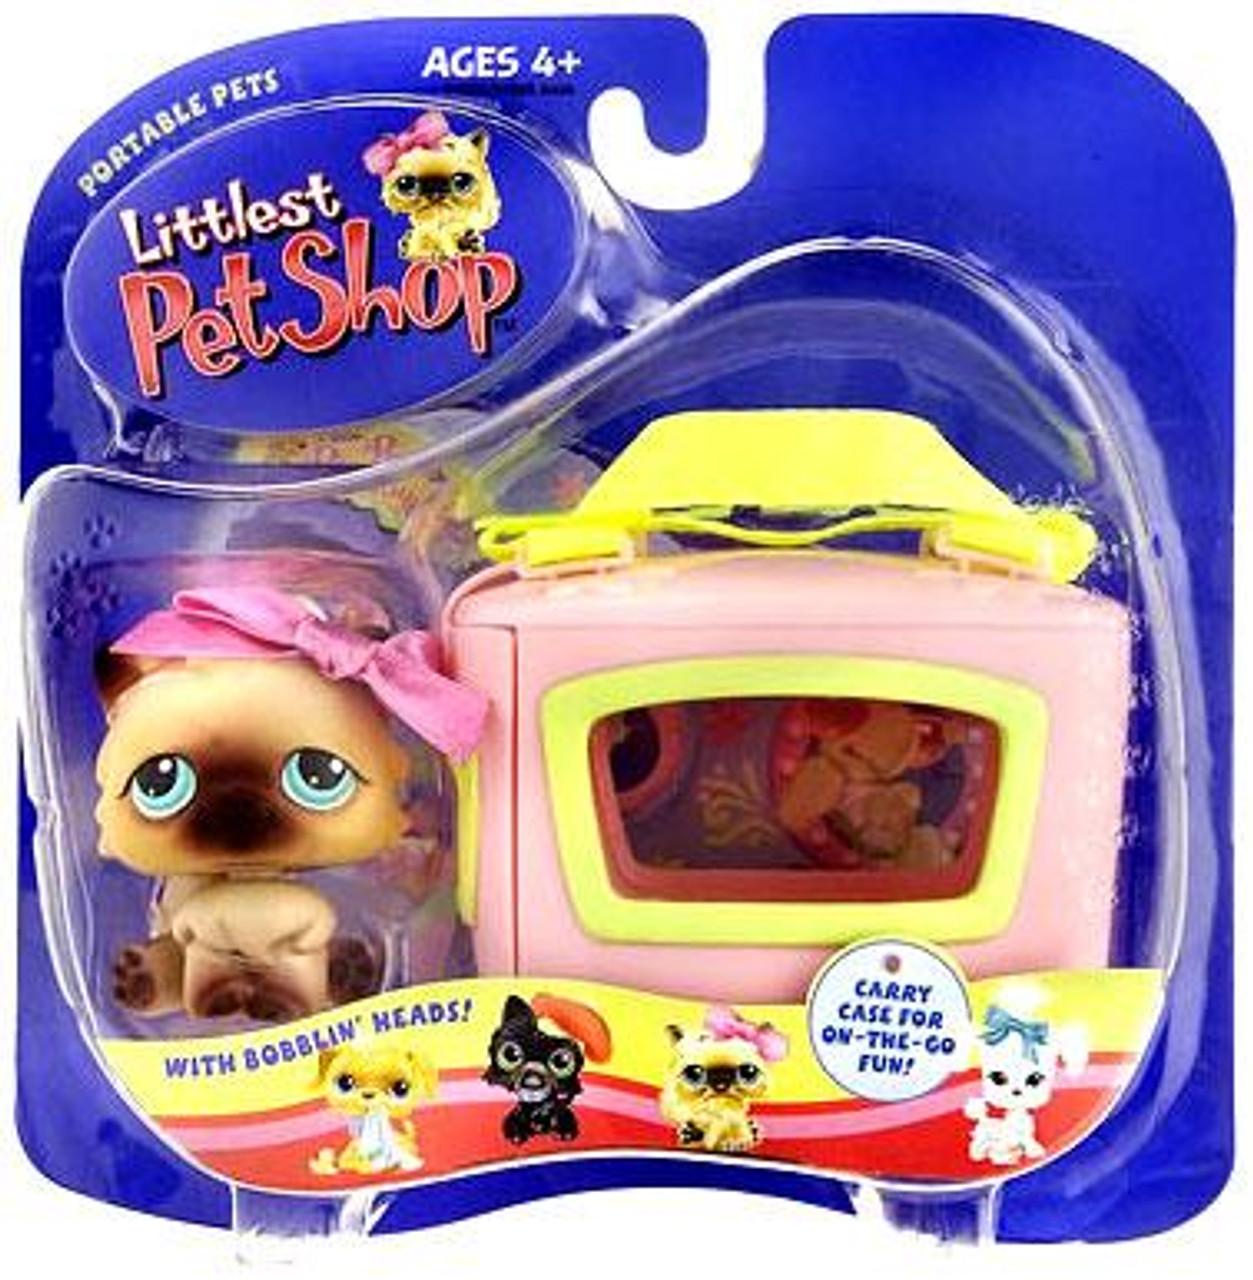 Littlest Pet Shop Portable Pets Persian Cat Figure [Maroon Bow & Carry Case]